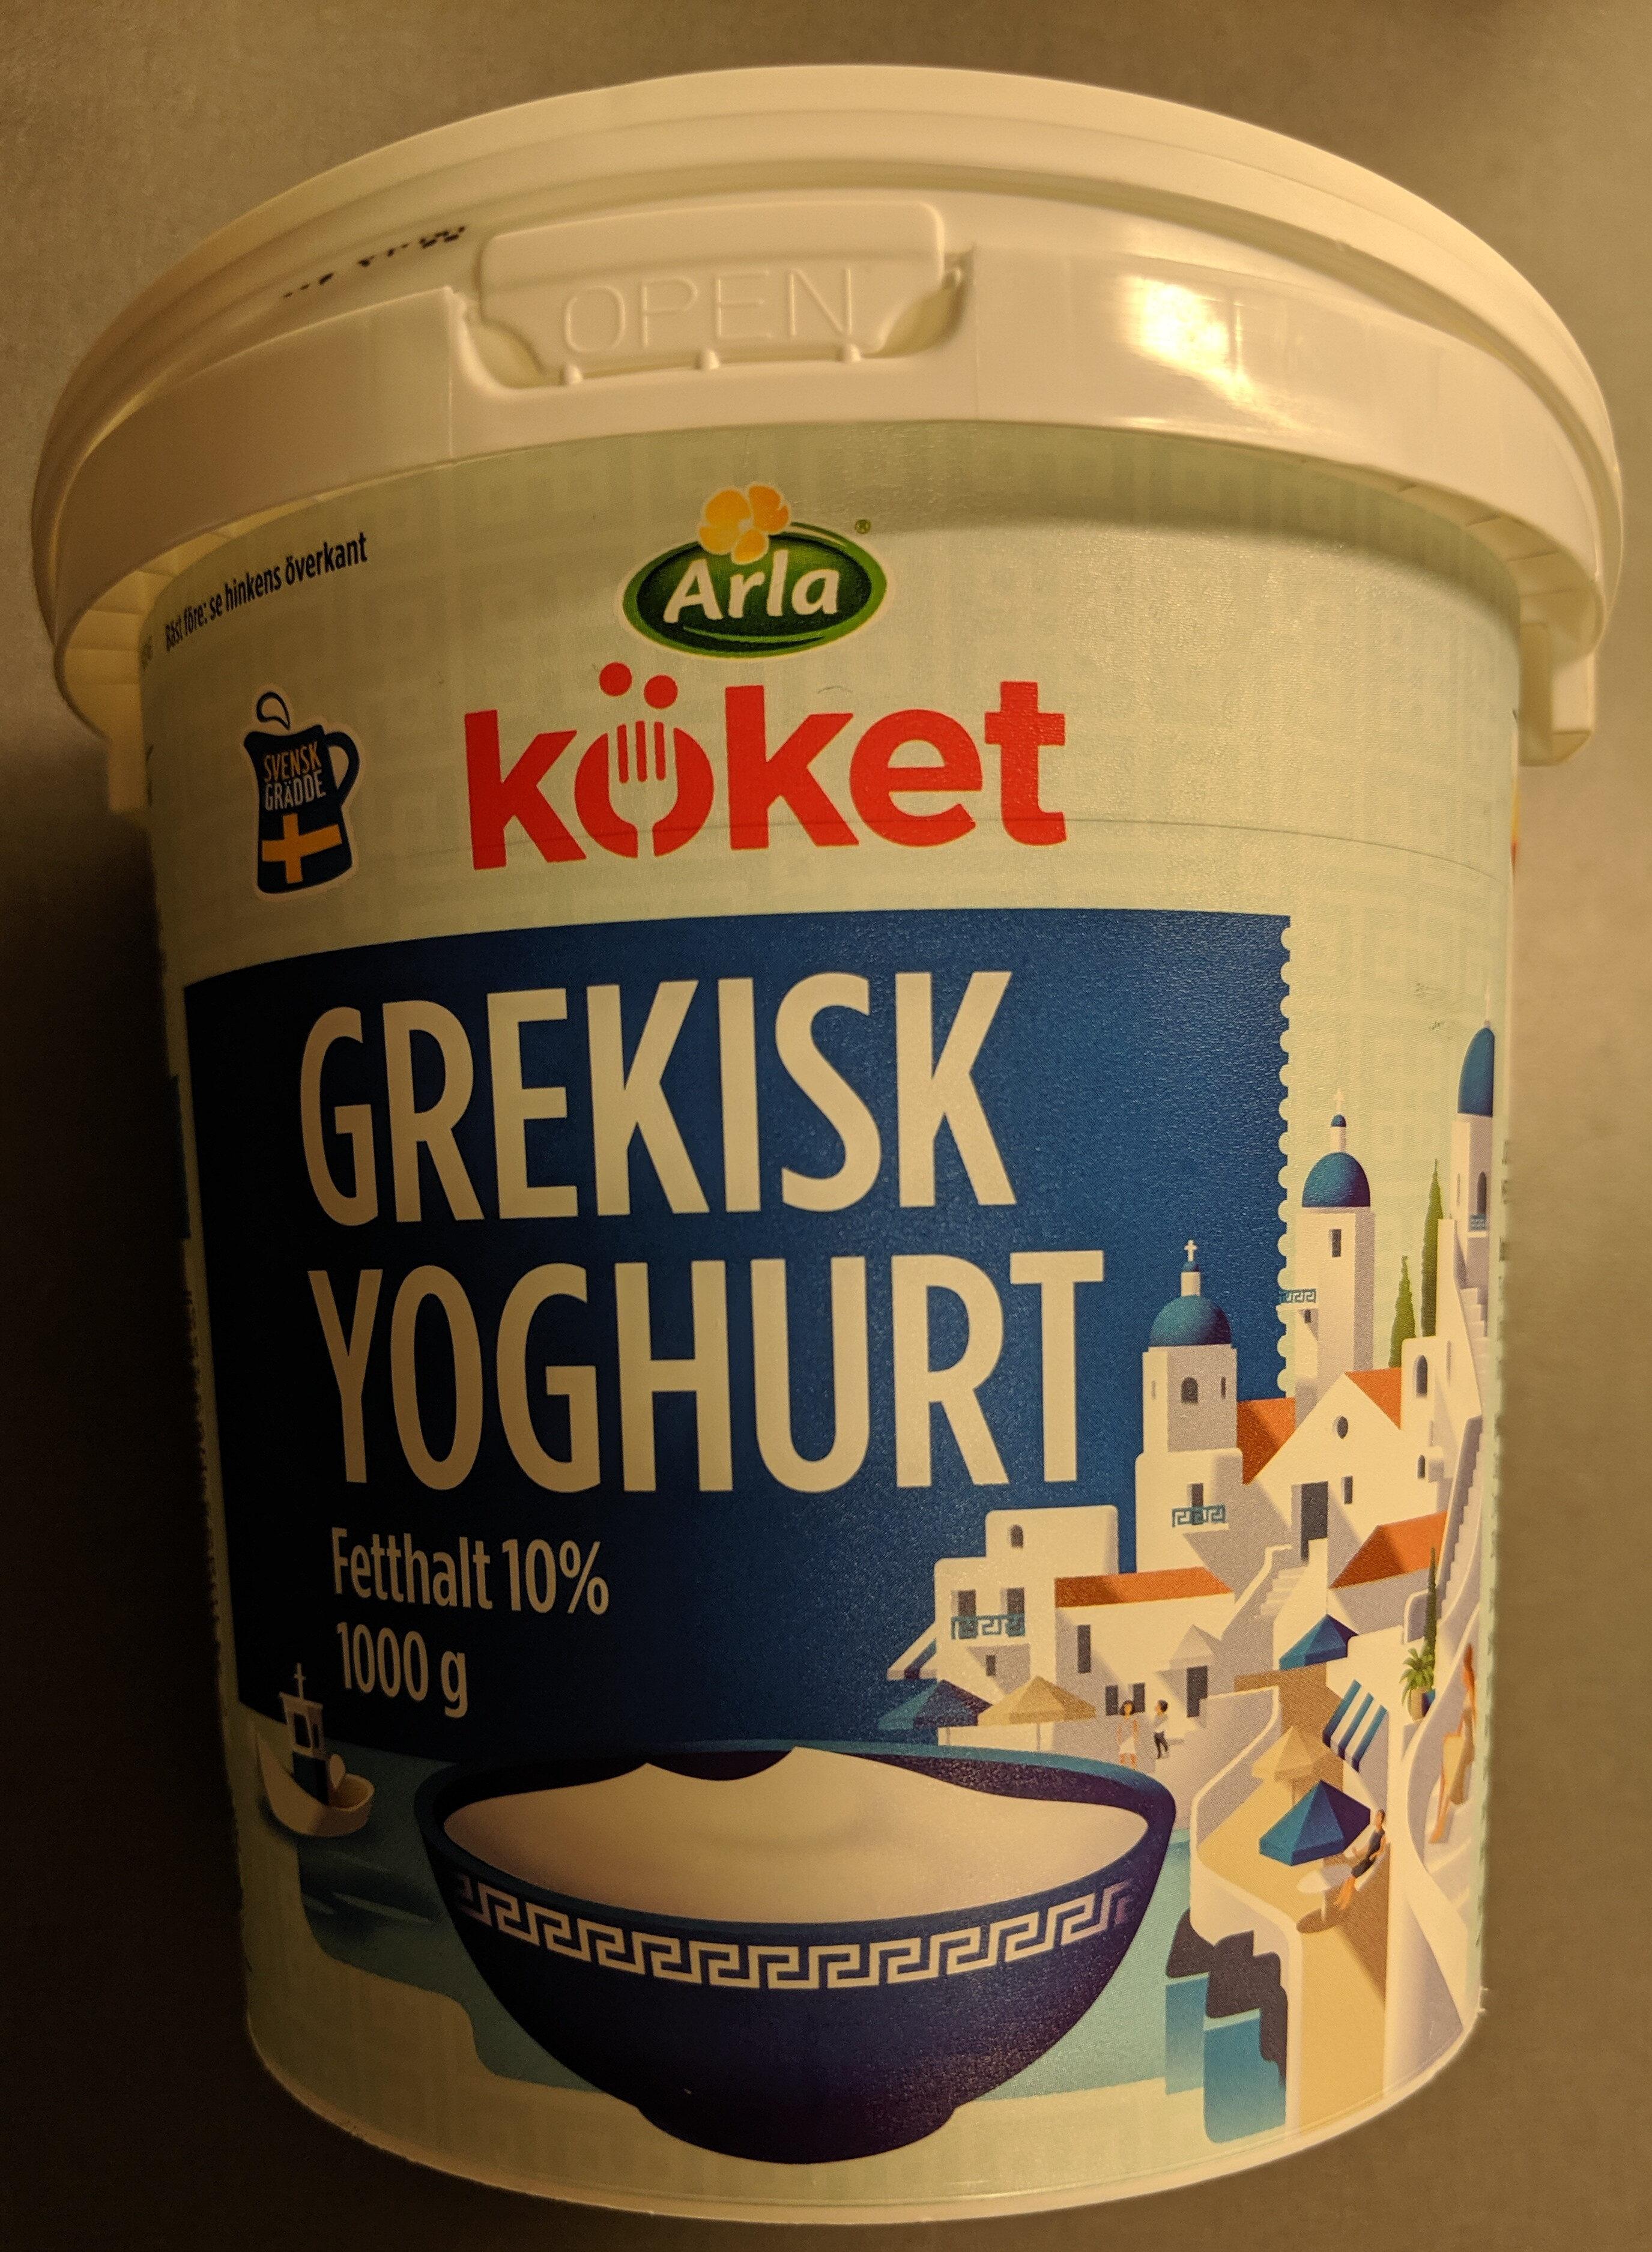 arla grekisk yoghurt